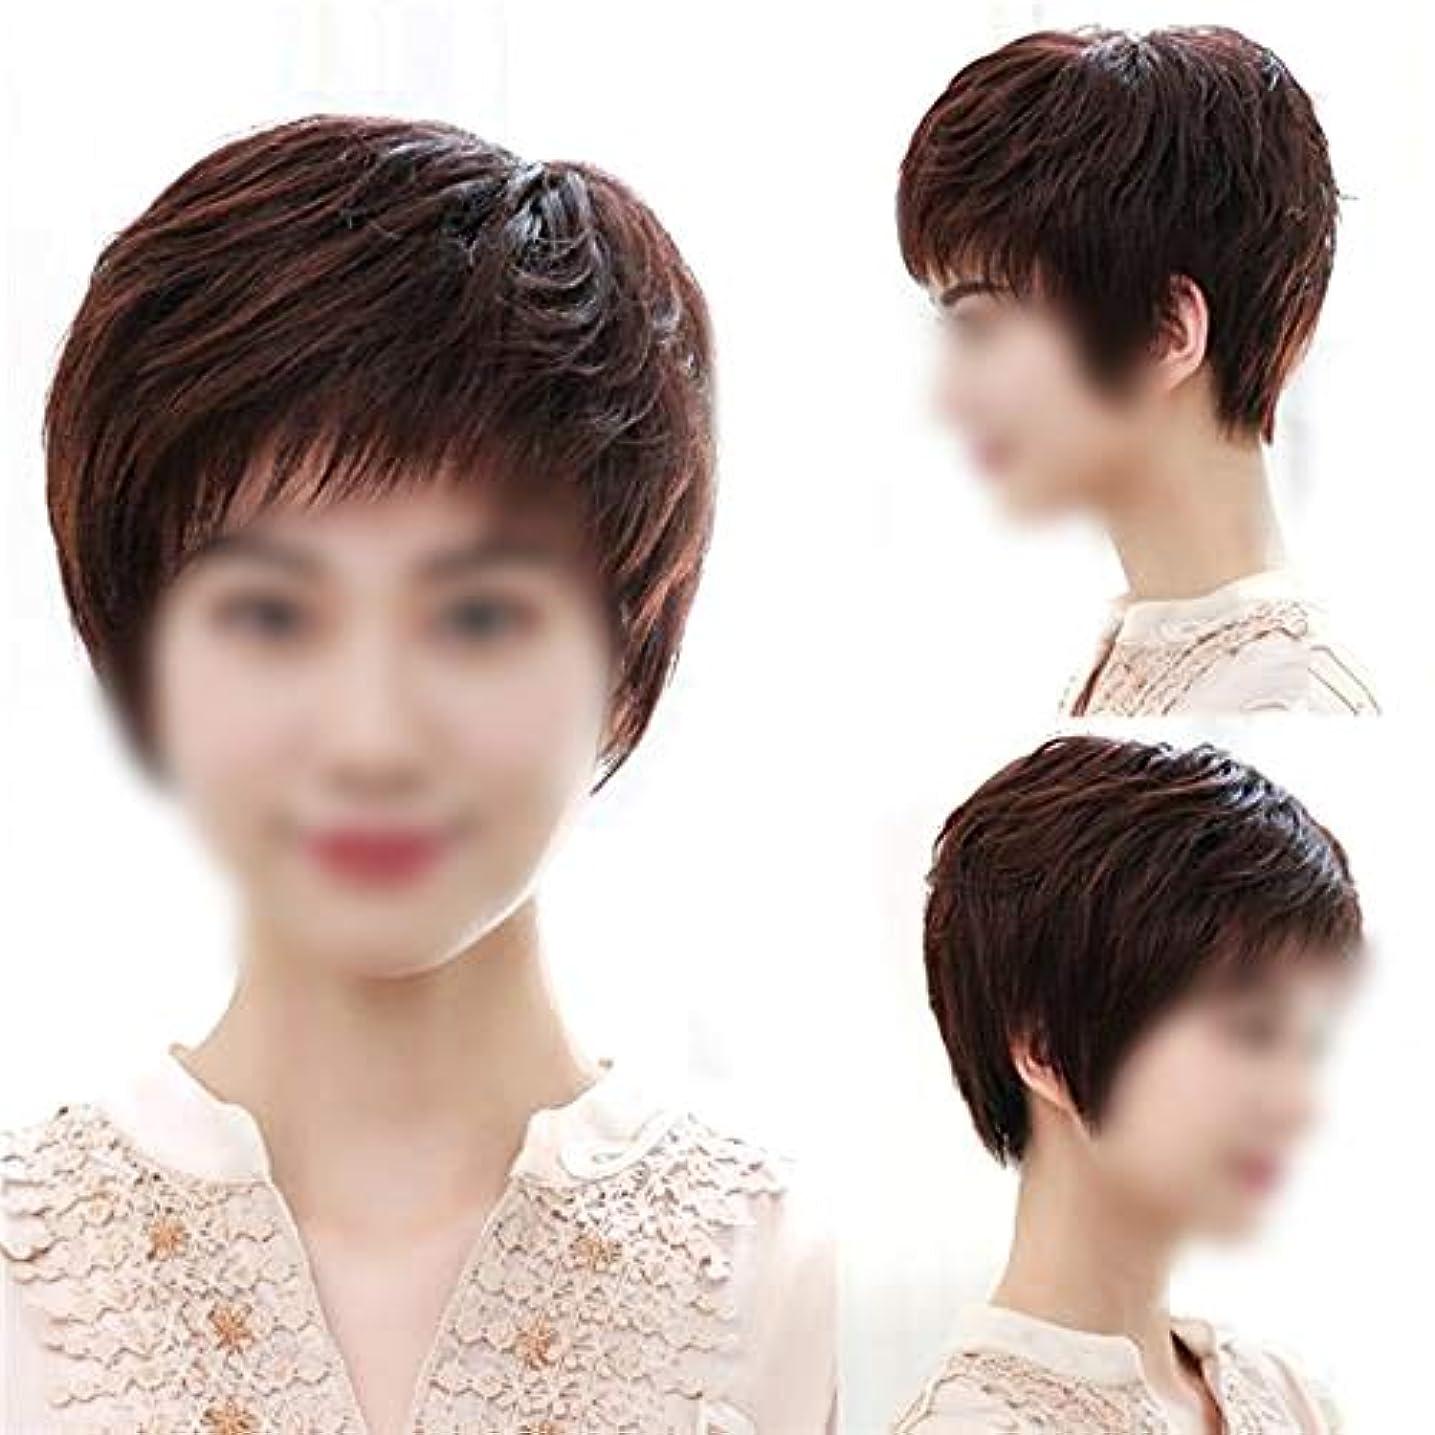 メトロポリタン登山家お風呂を持っているYOUQIU 女子ダークブラウンショートヘア中年手織りの実髪の髪の自然のリアルなウィッグウィッグ (色 : Natural black)